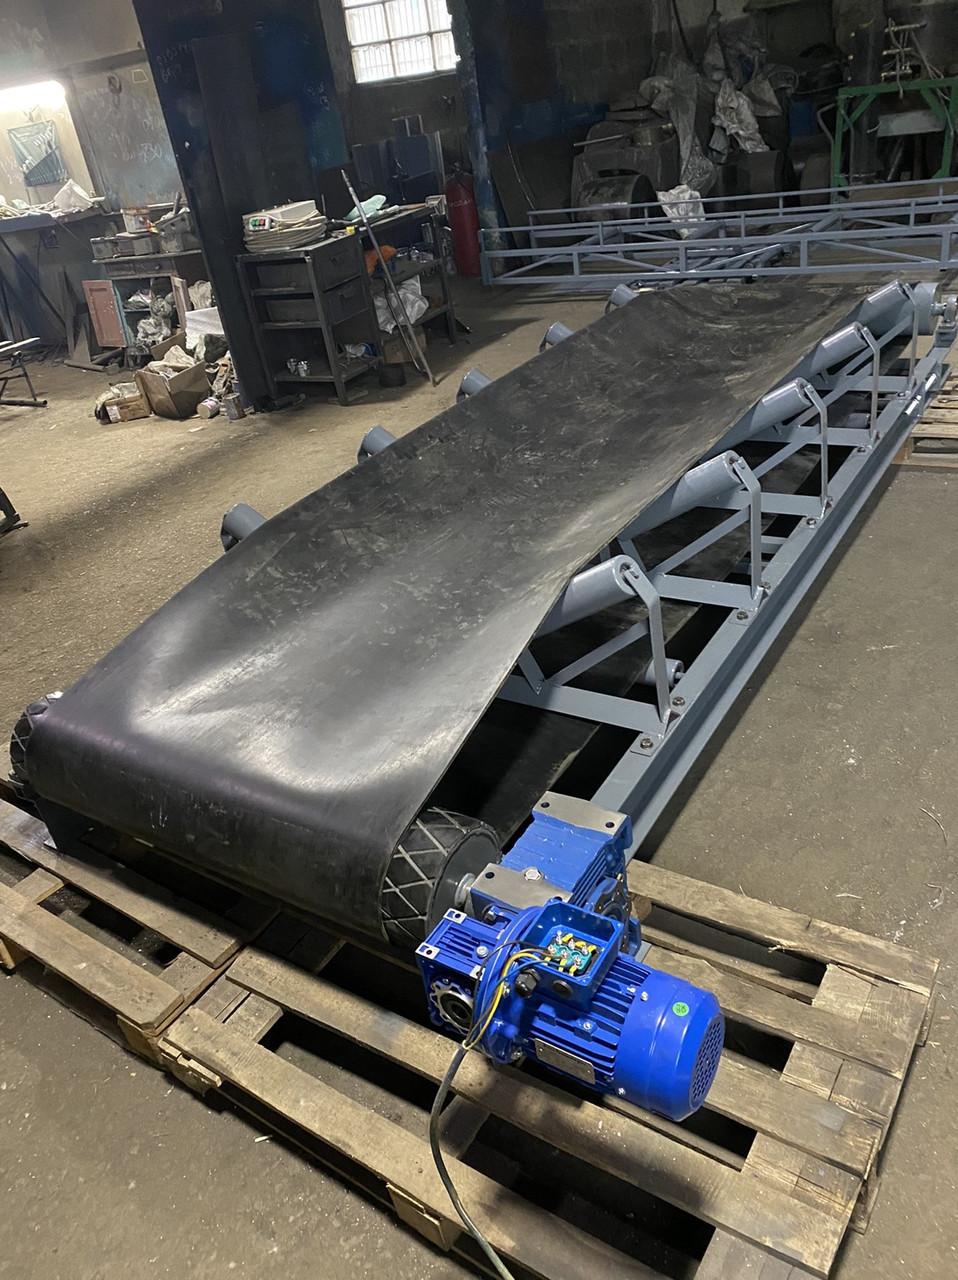 Ленточный конвейер (транспортёр) для транспортировки тяжёлых, сыпучих грузов